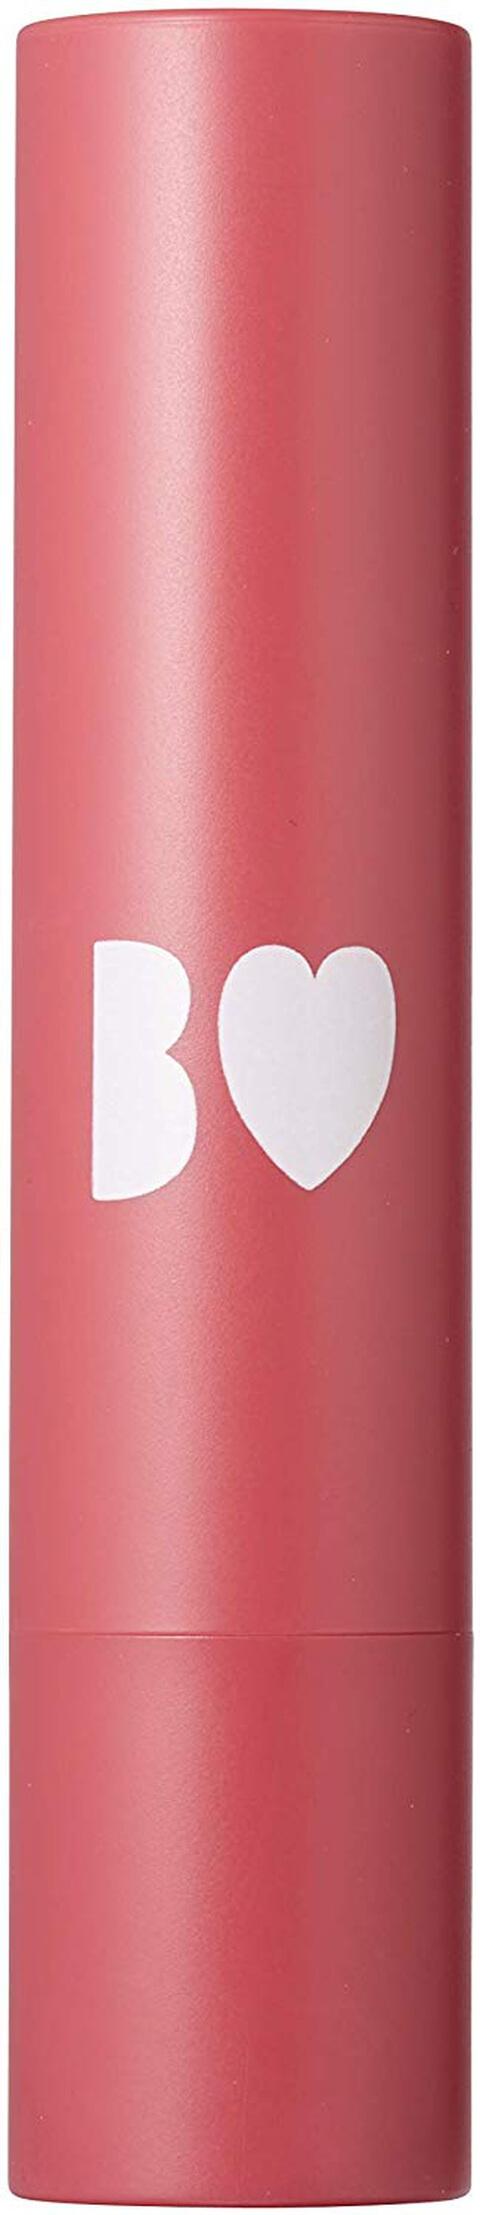 やきもちpink あかりん リップ bidol ビーアイドル 人気色 ピンク 色持ち 新色 ブルベ イエベ パーソナルカラー